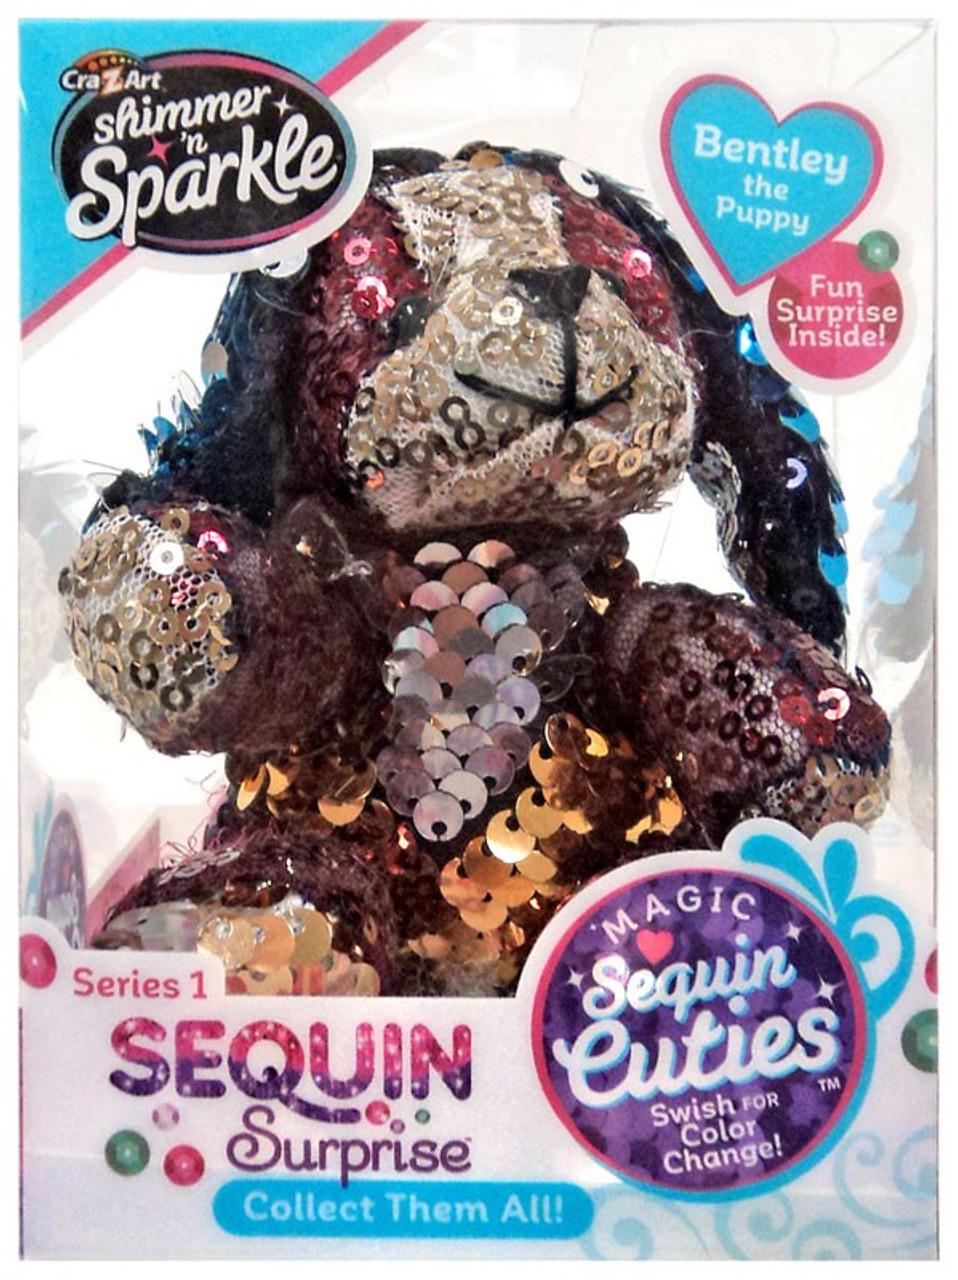 CRA-Z-ART Magic Sequin Cuties Sequin Surprise Happy the Hedgehog 1 NEW IN BOX